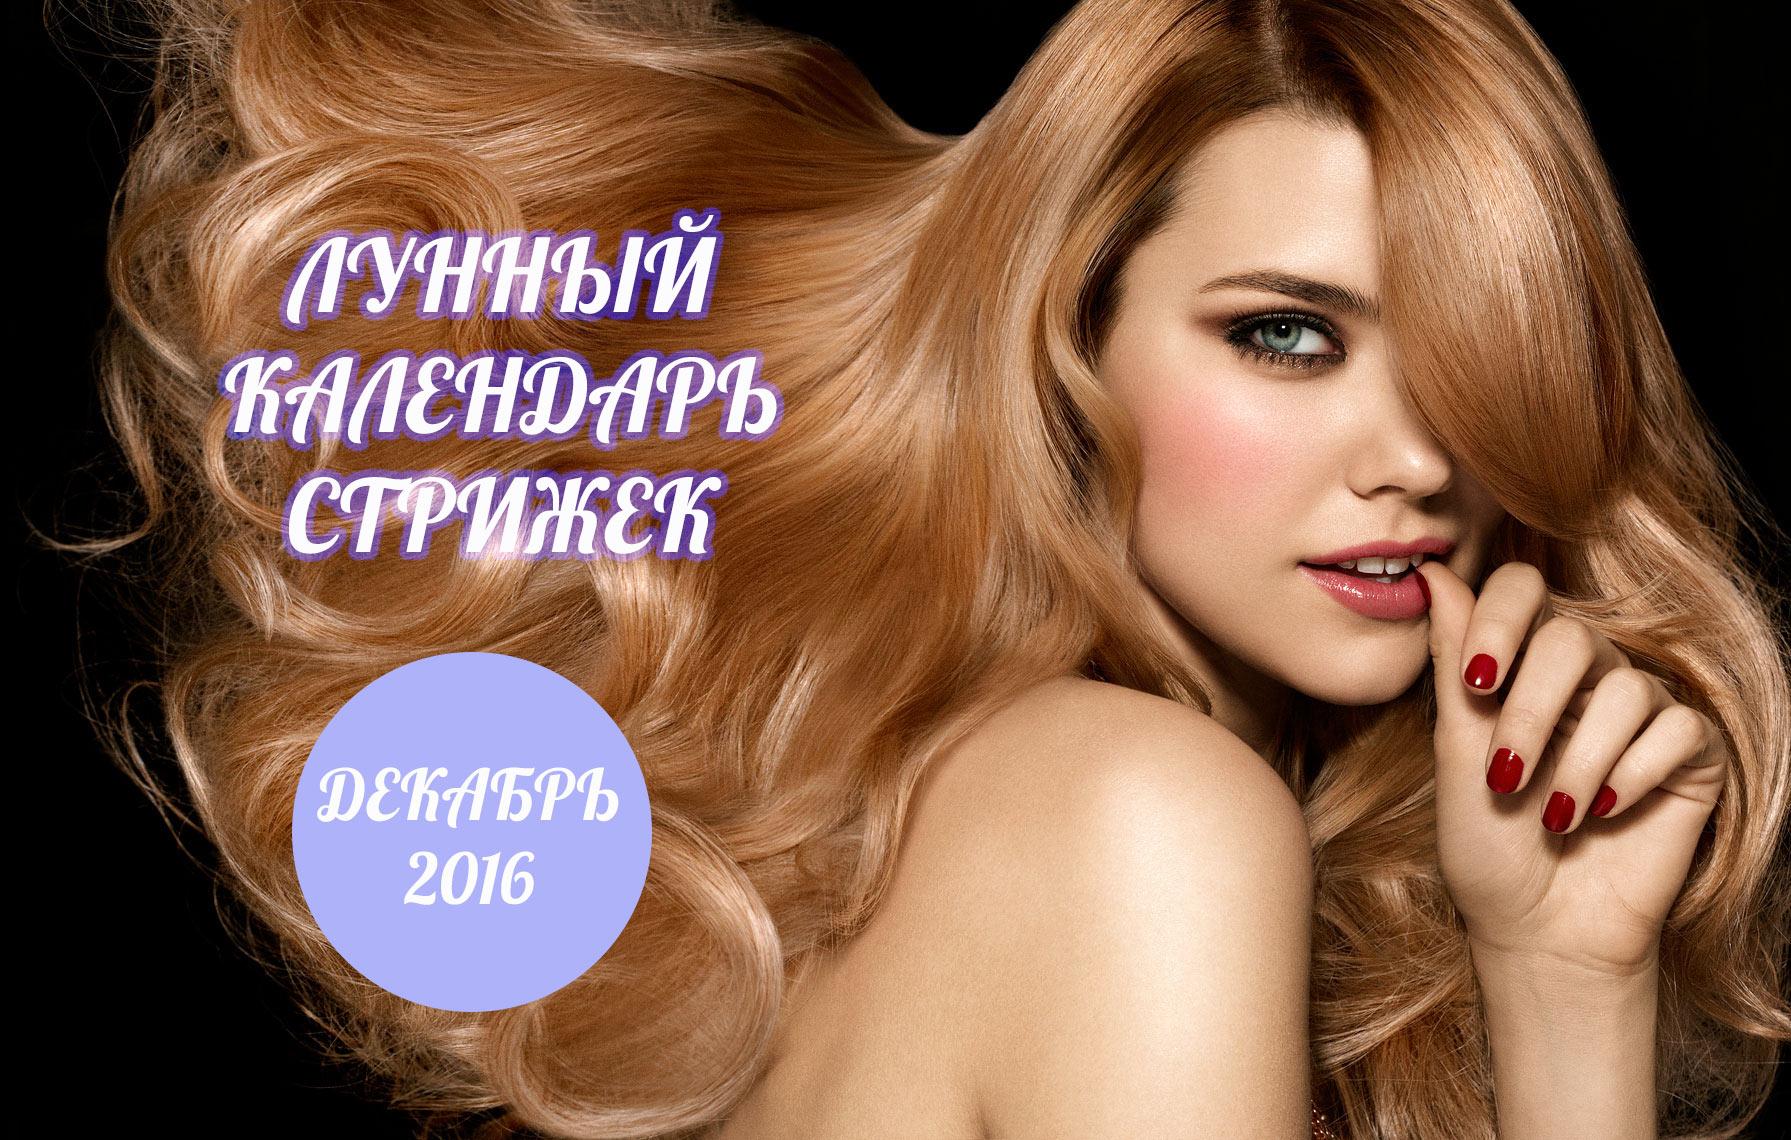 лунный календарь знакомств 2016